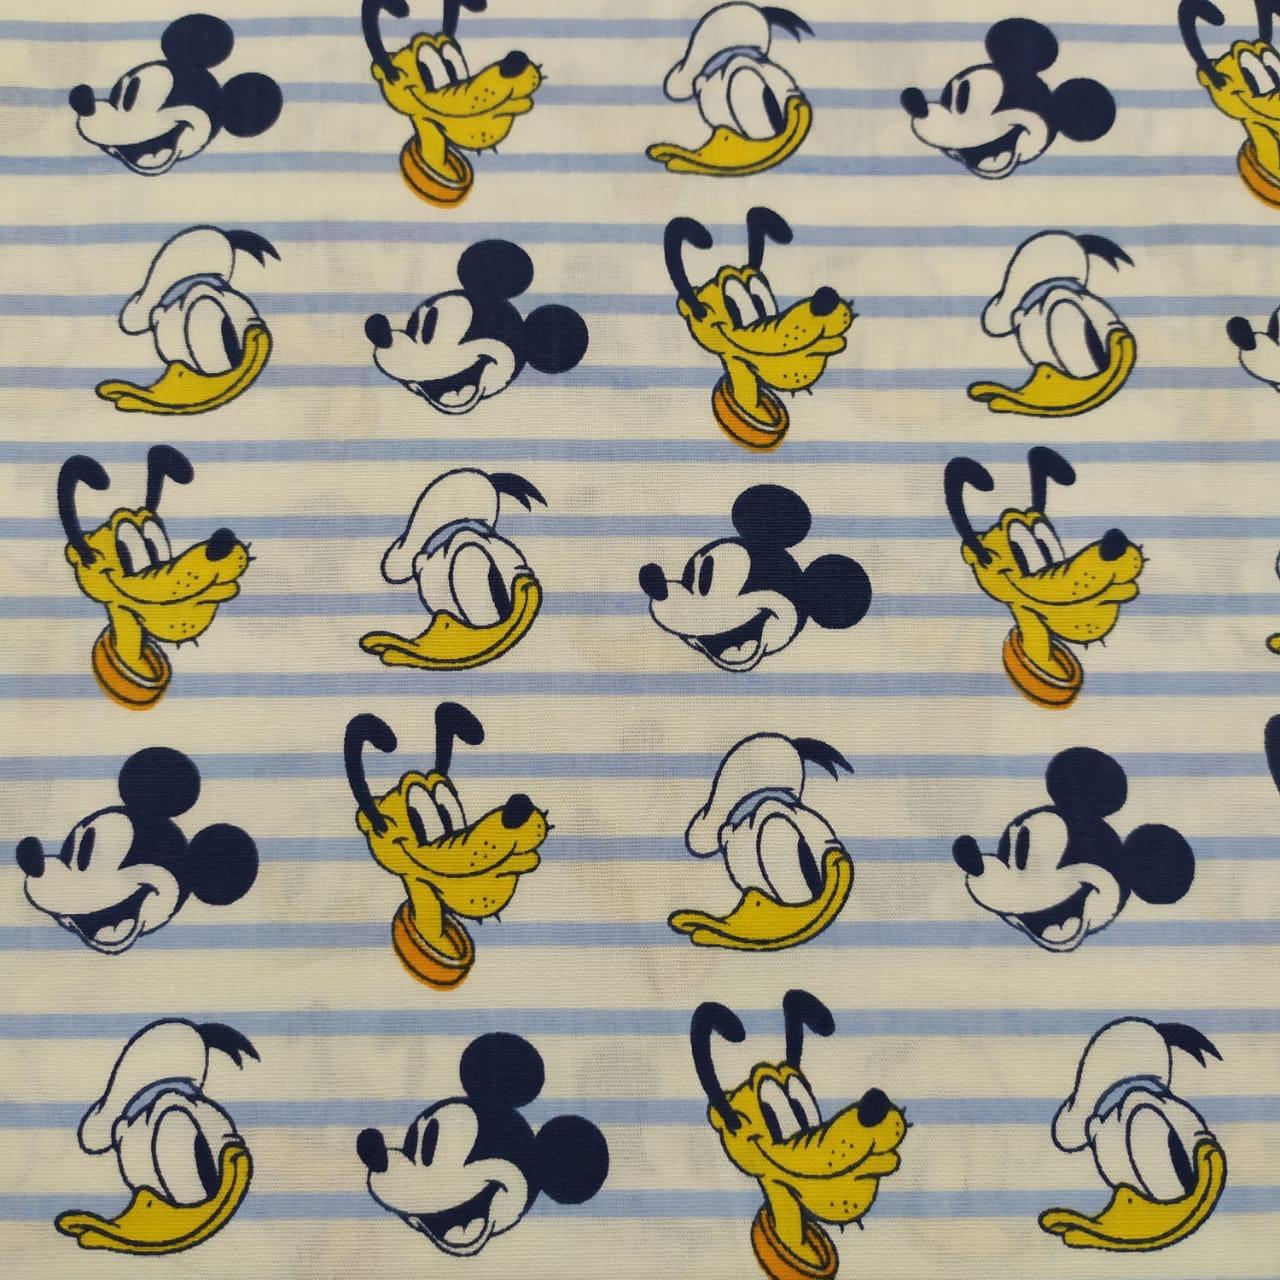 Tecido Tricoline Mickey, Pluto e Donald